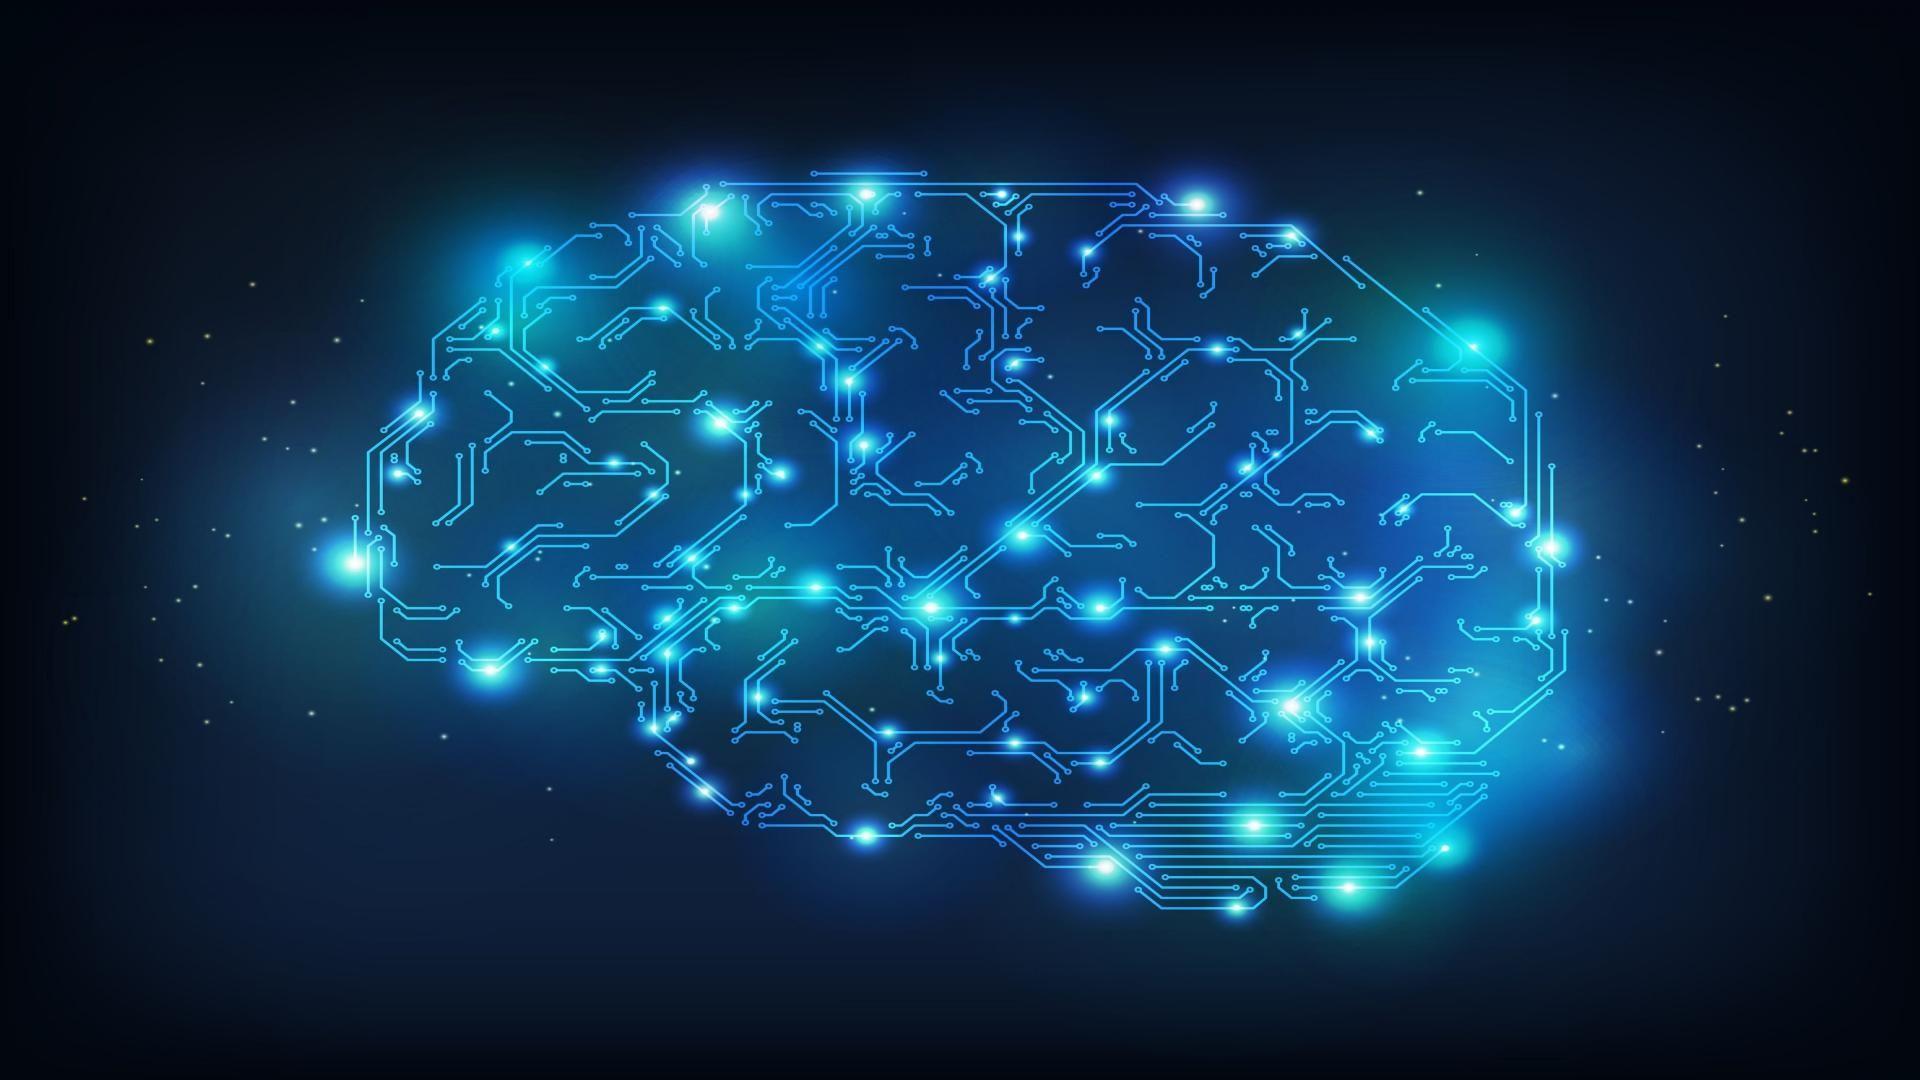 Brain vertical wallpaper hd